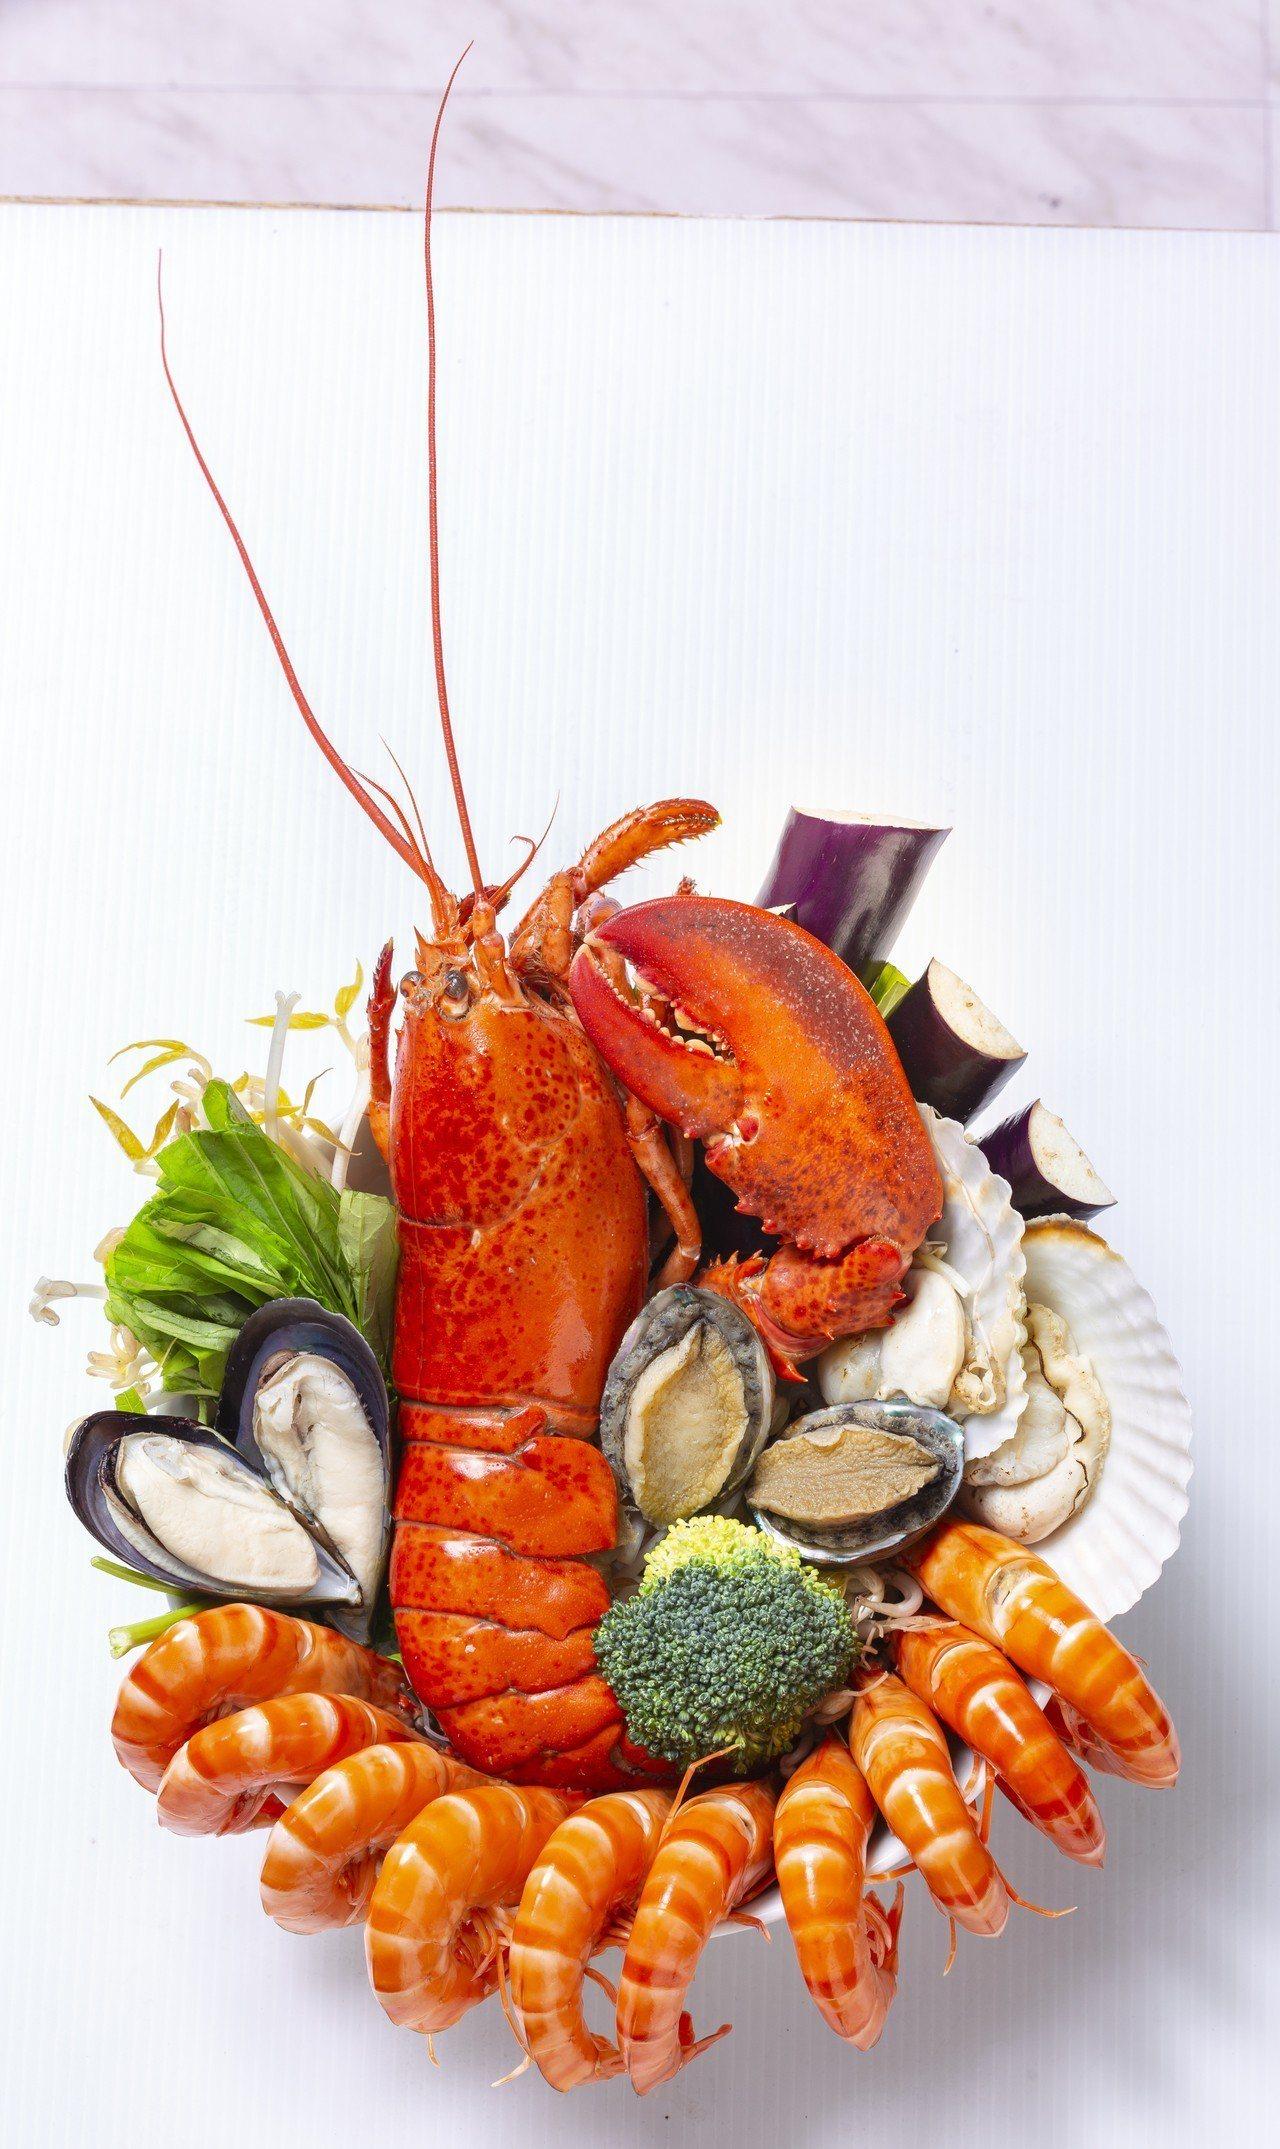 檳城龍蝦麵限量登場。圖/MAMAK檔提供